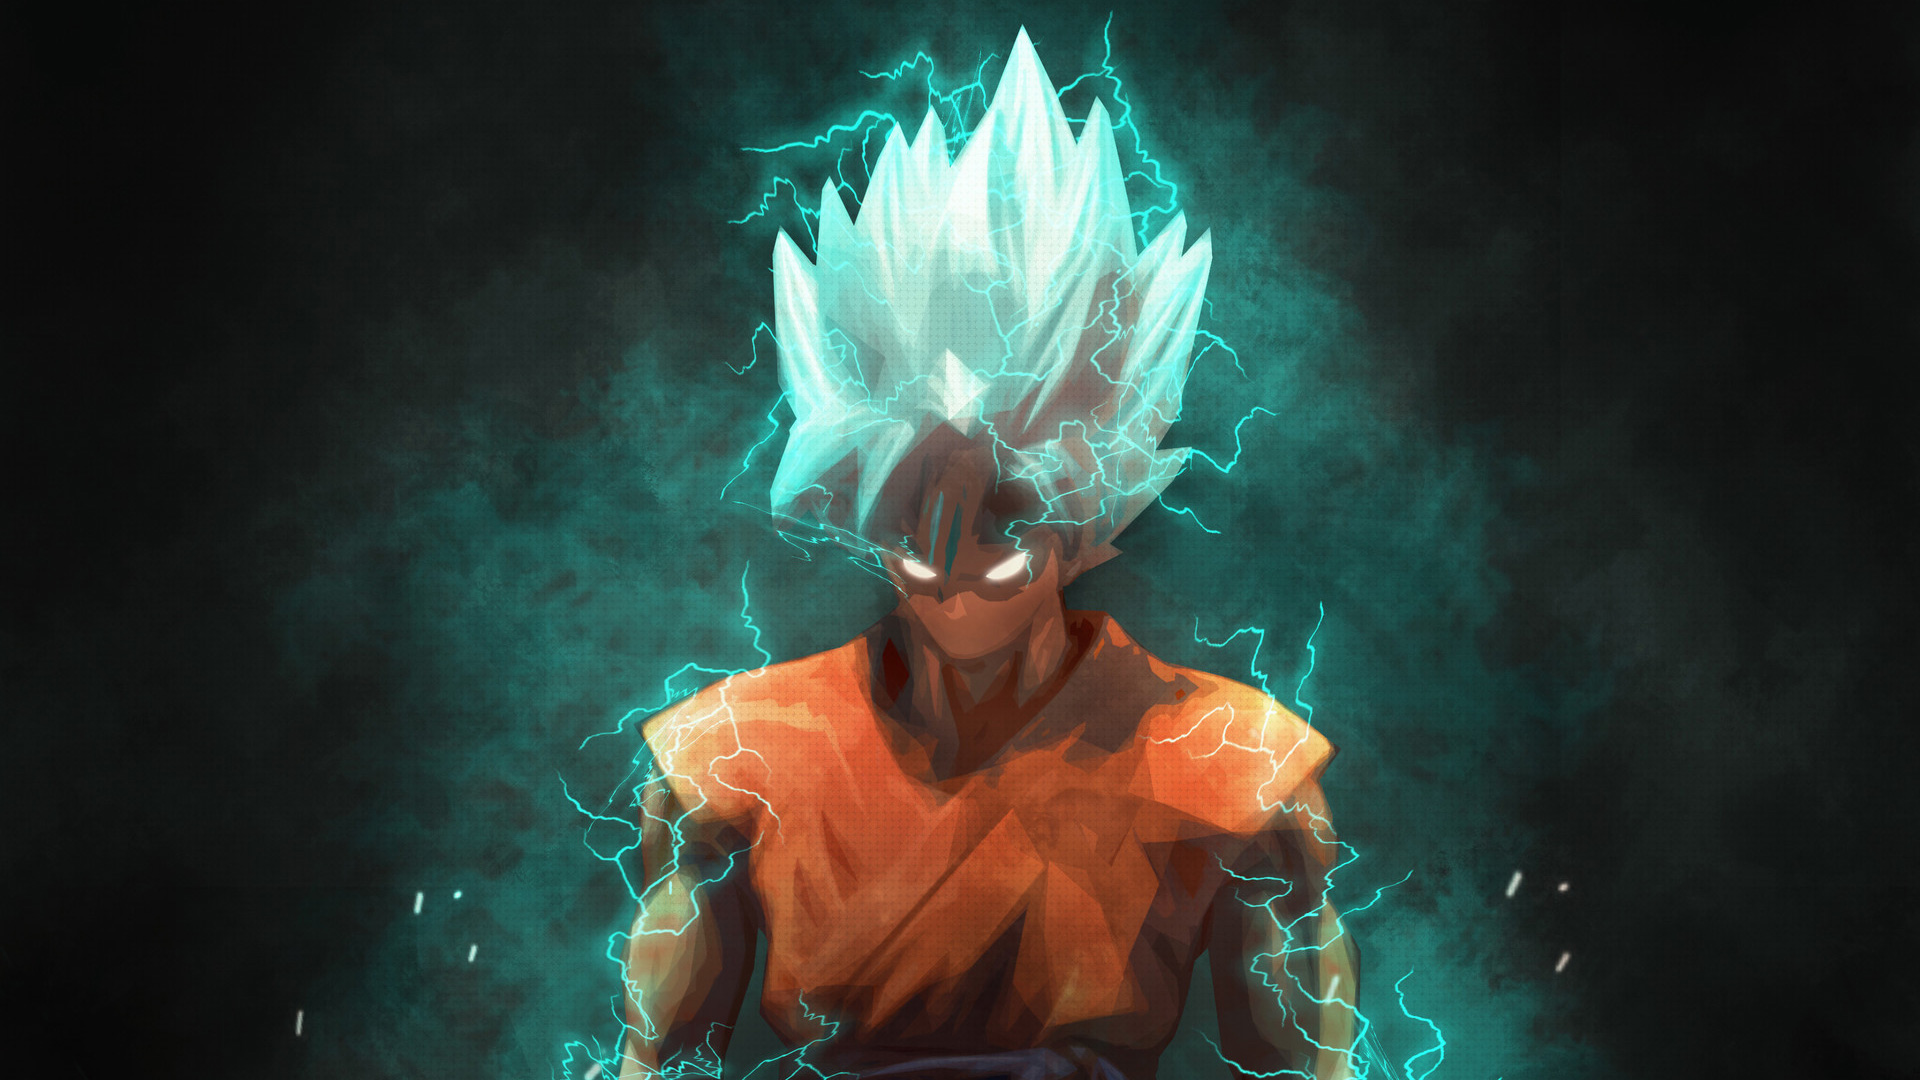 Saiyan God, HD Anime, 4k Wallpapers, Images, Backgrounds ...